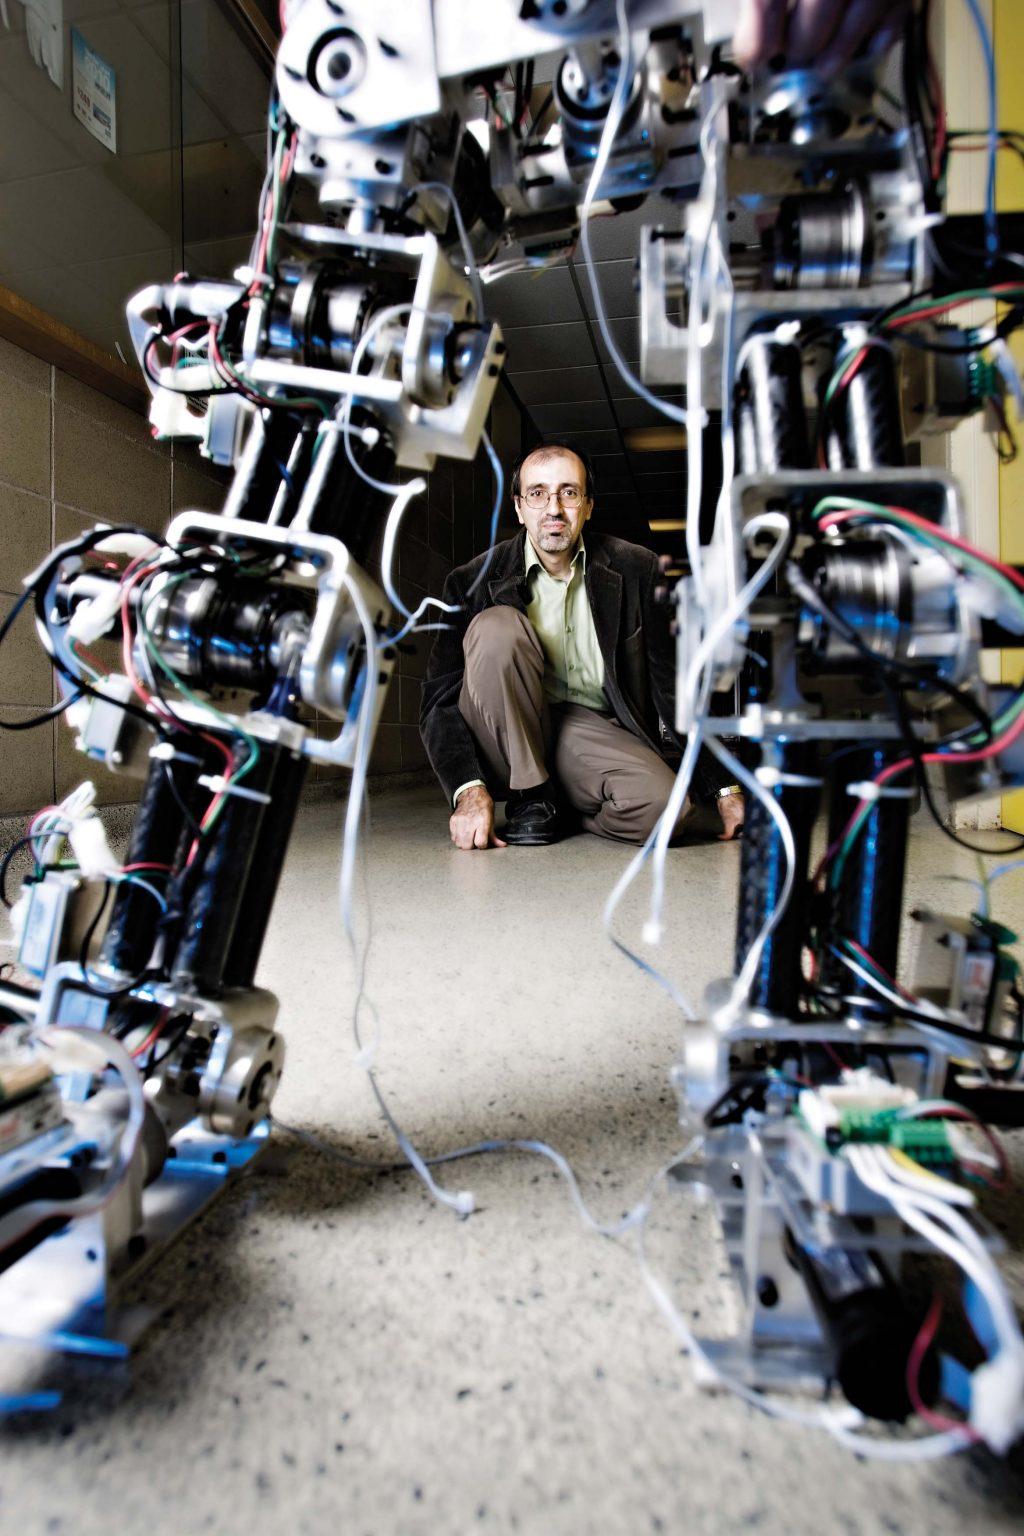 man crouching behind robot legs